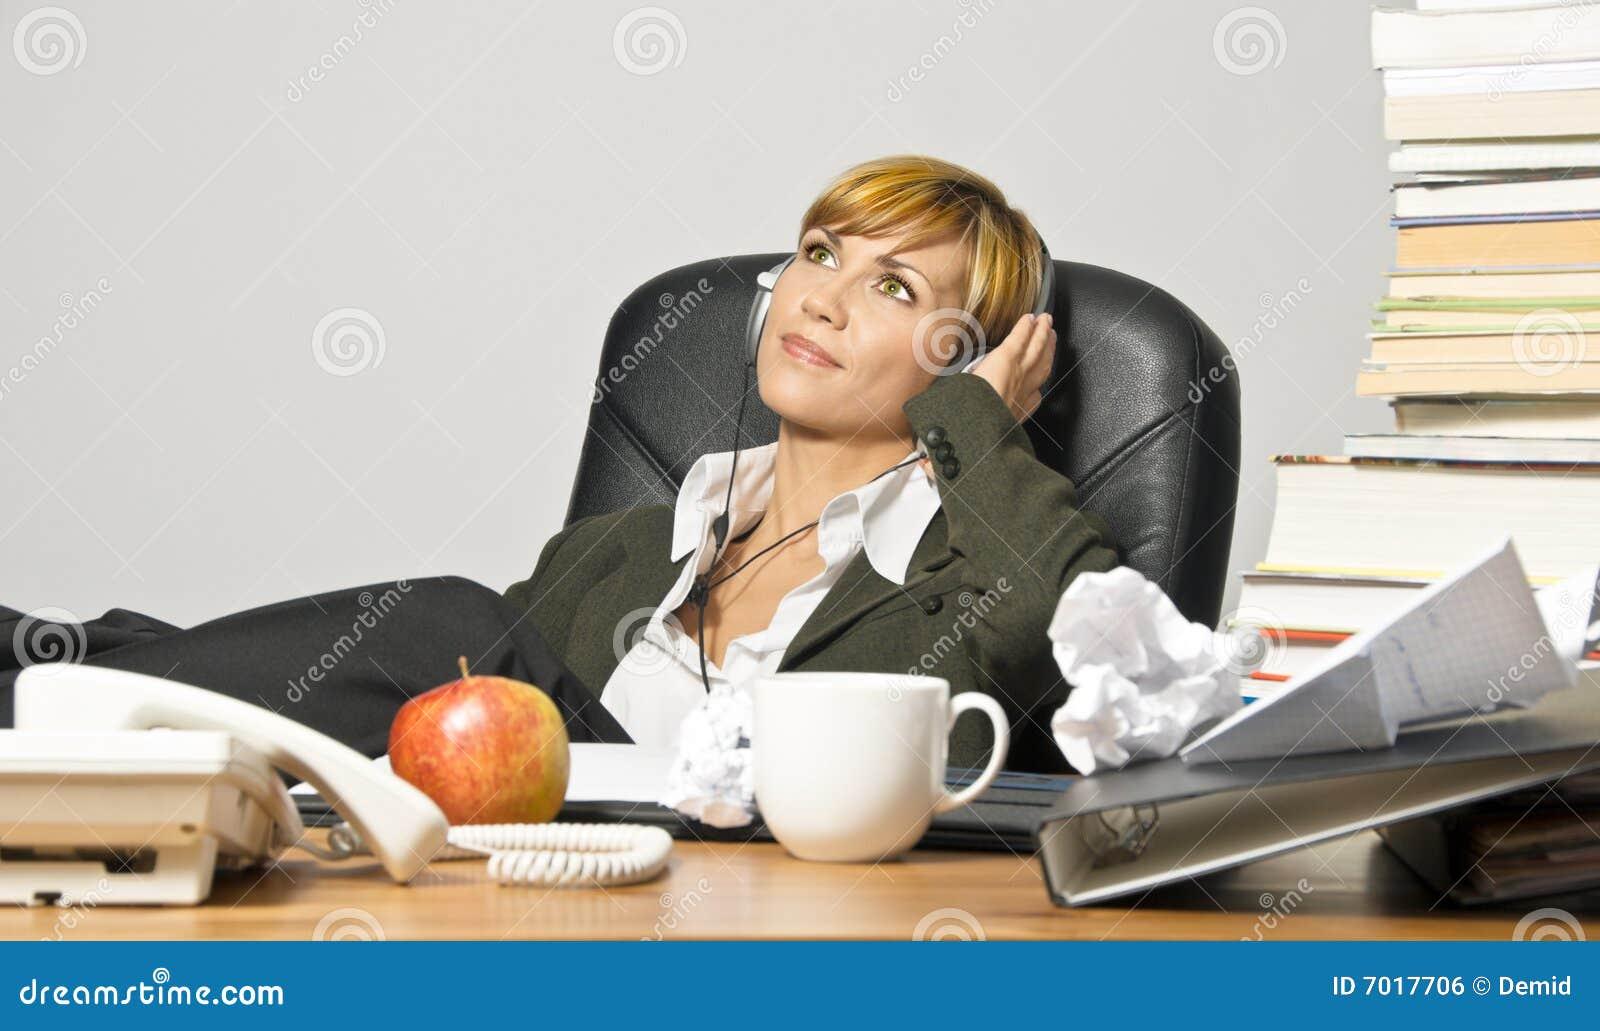 lazy female manager - photo #3